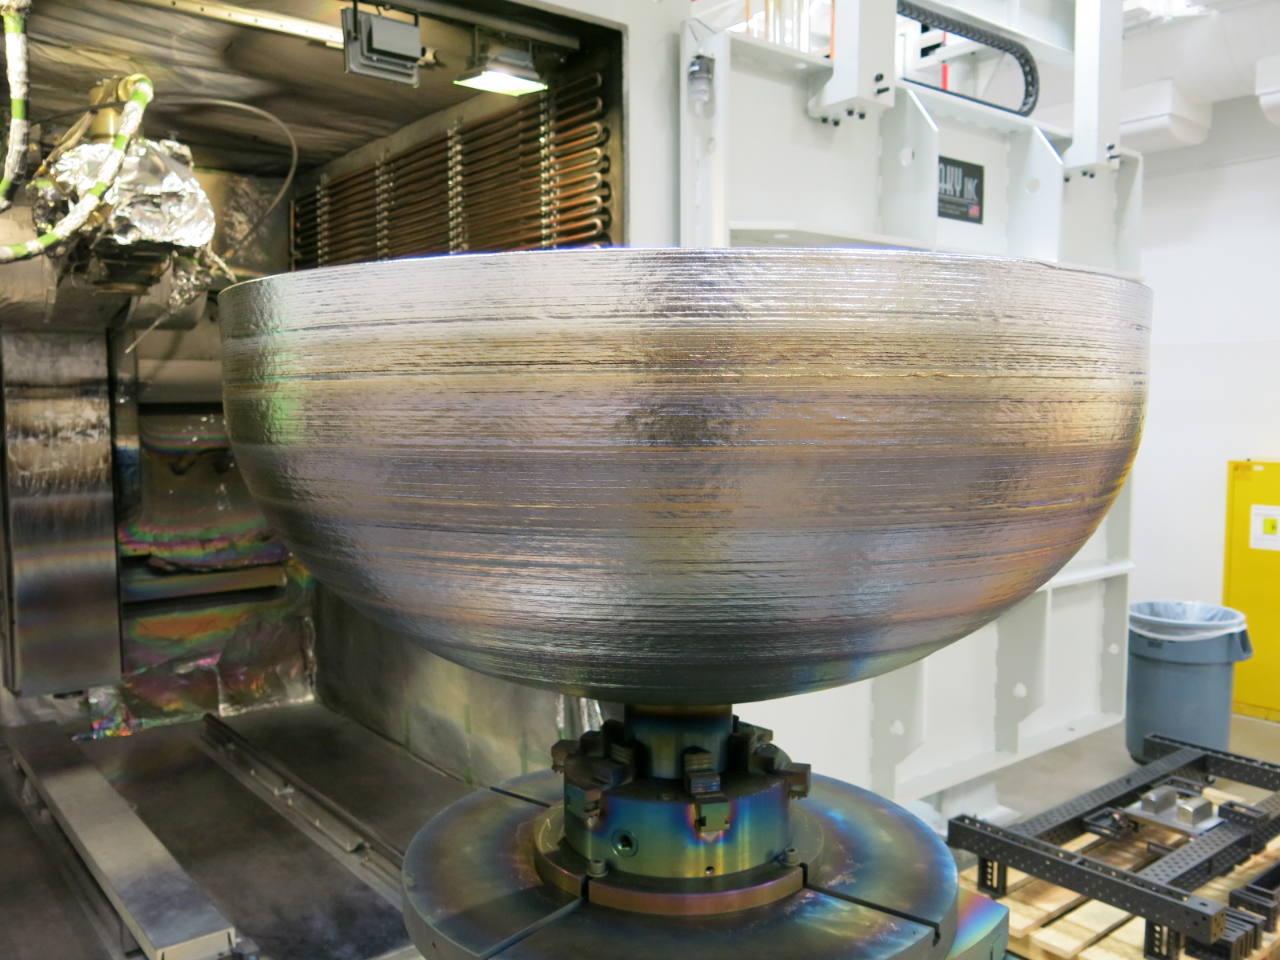 Fuel tank sets 3D print record